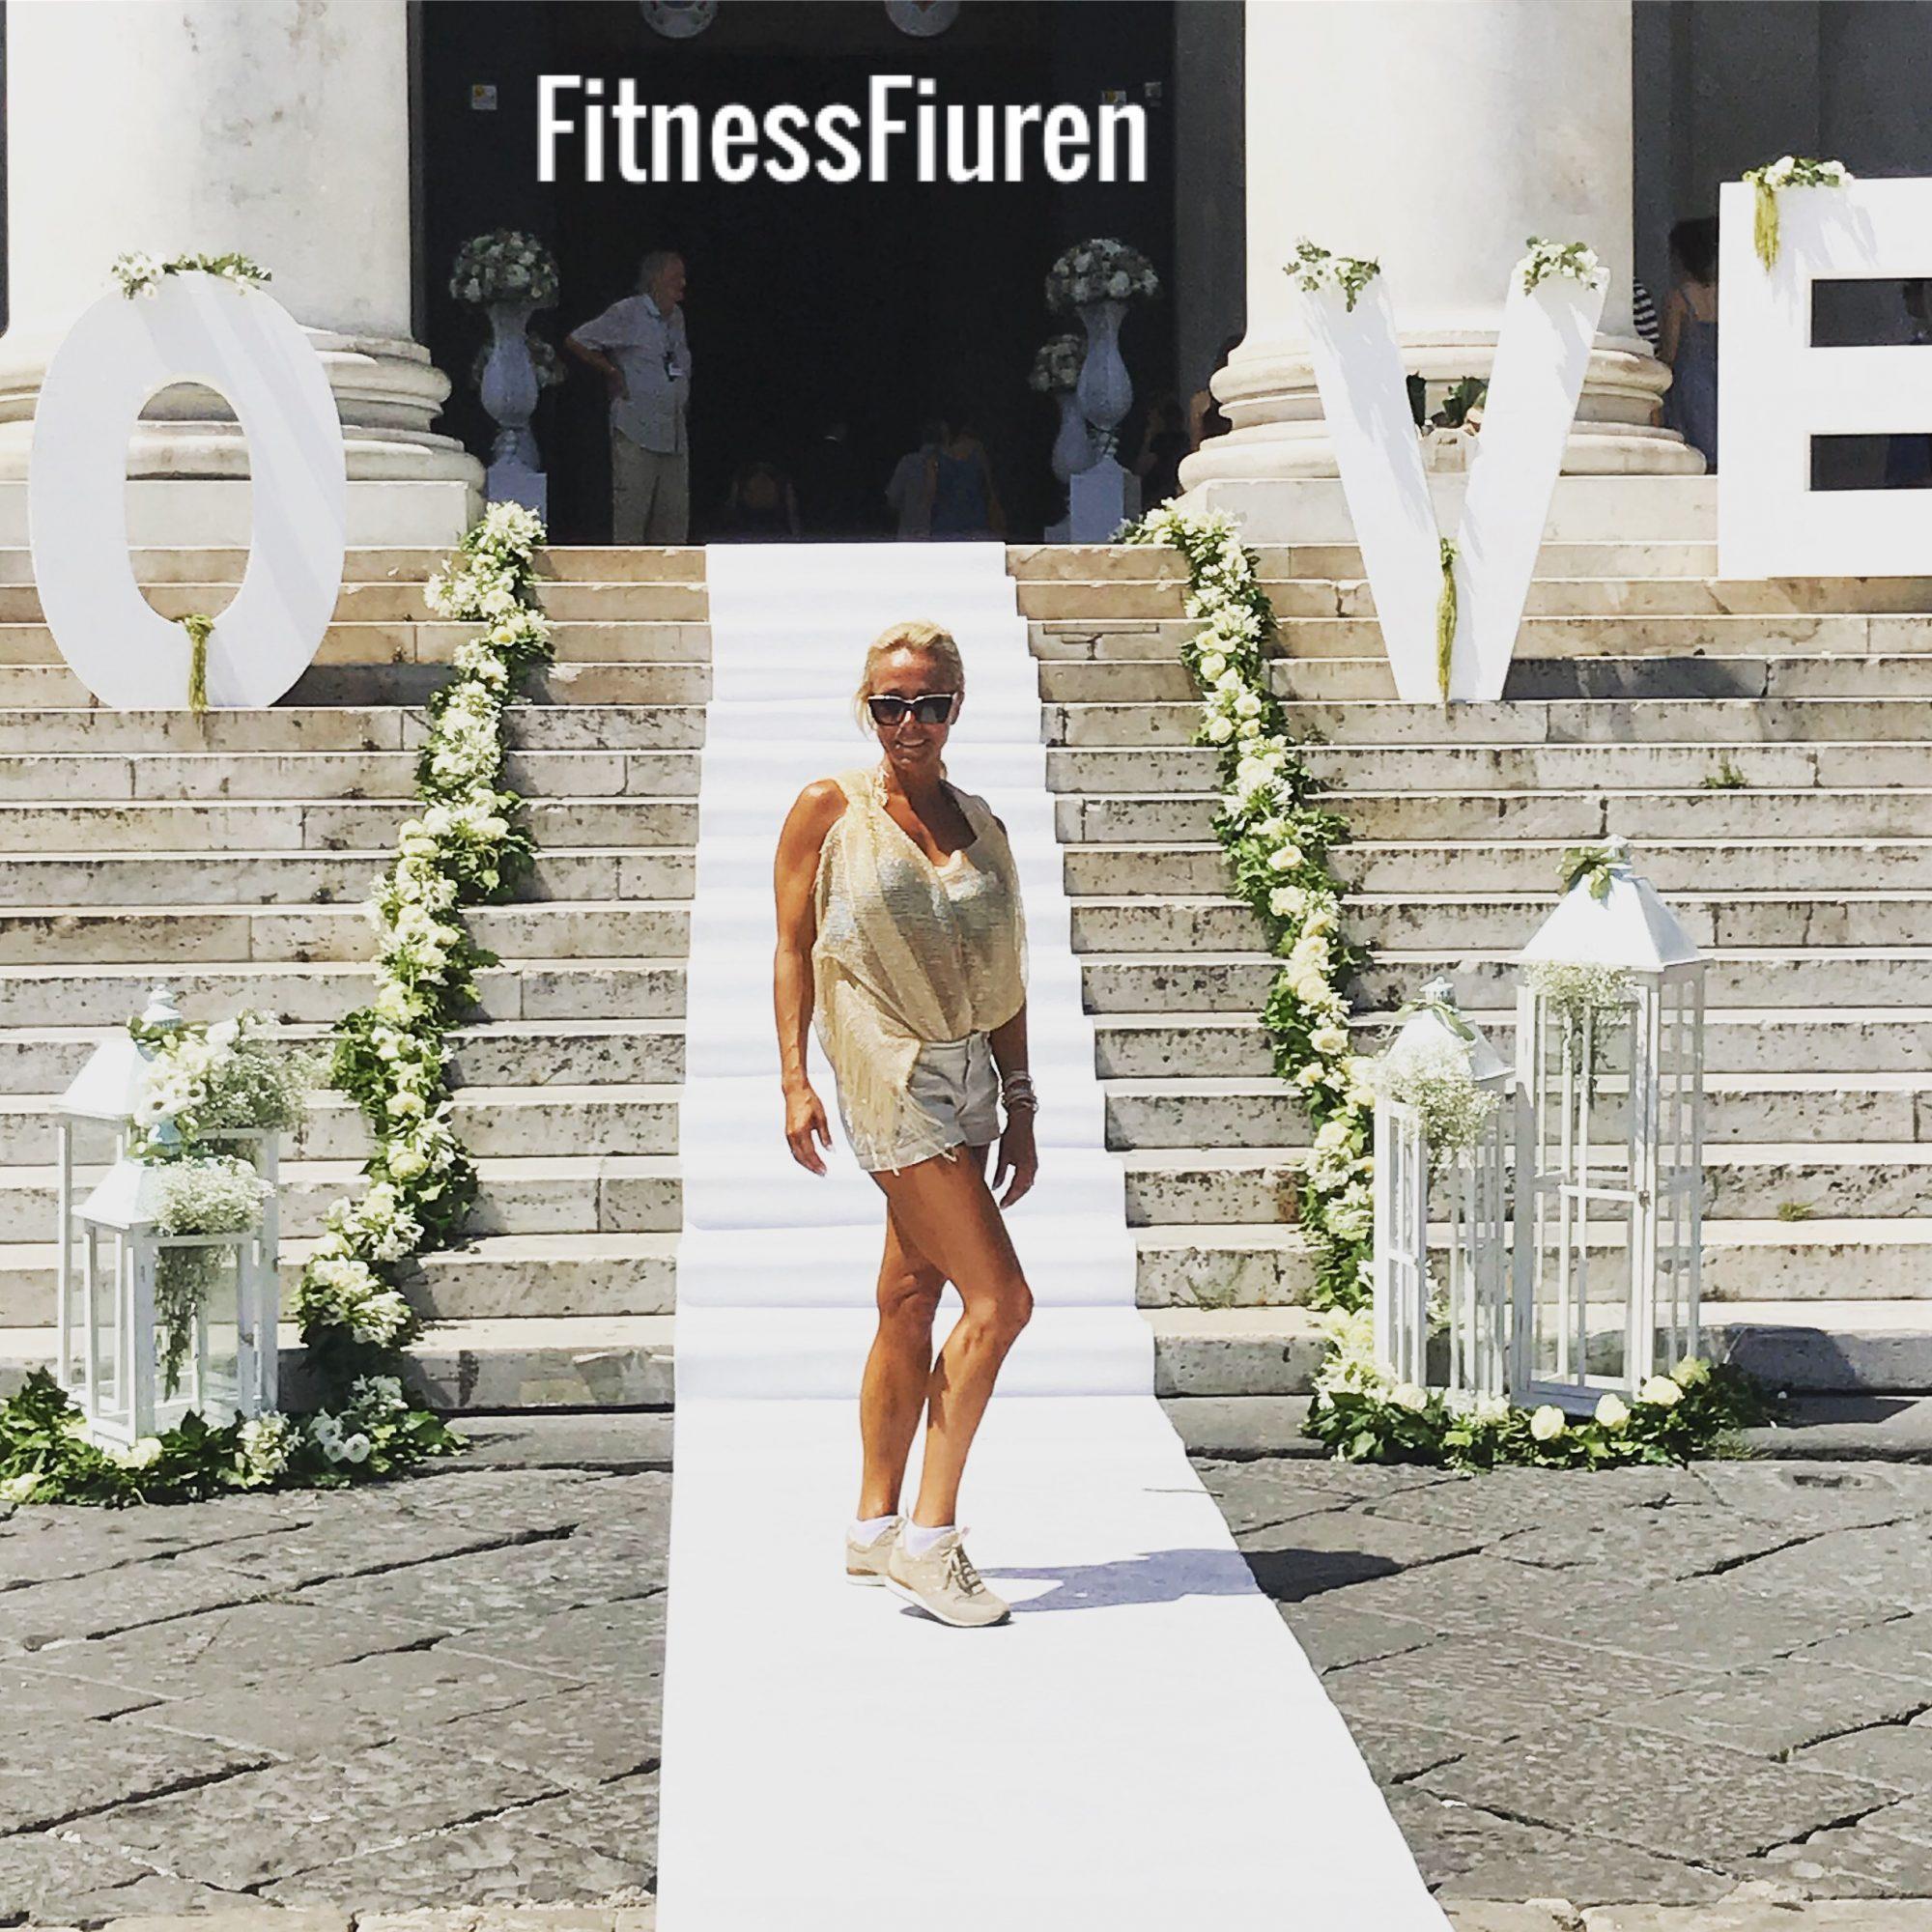 Fitness Fiuren